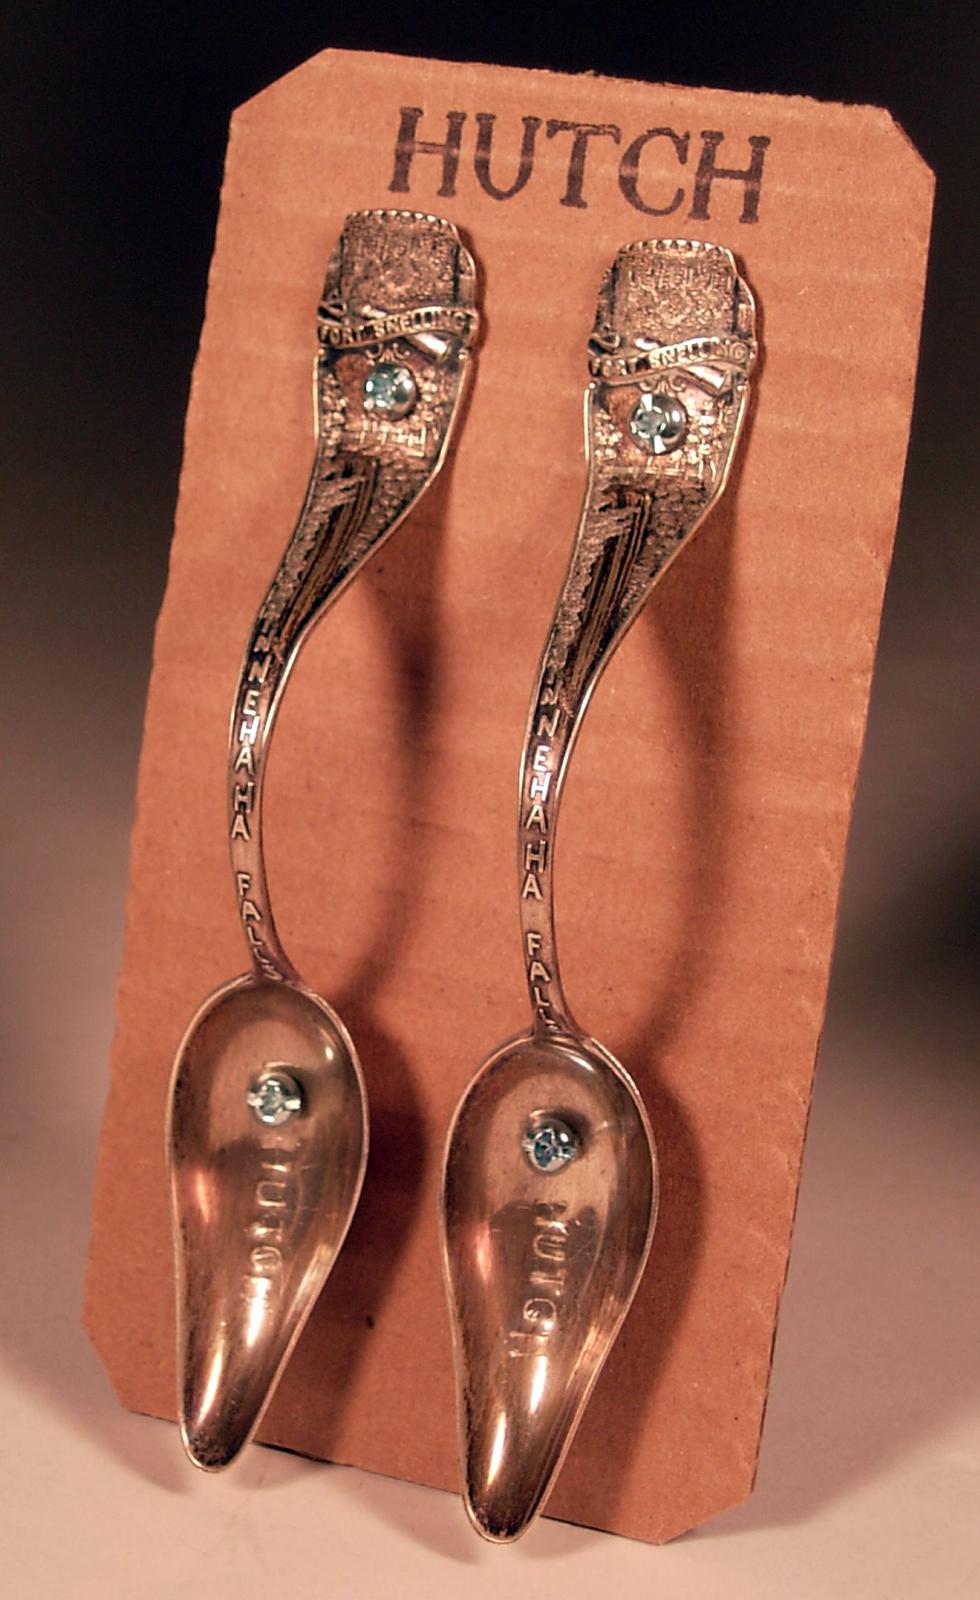 Hutch Studio Lovin Spoon Pulls